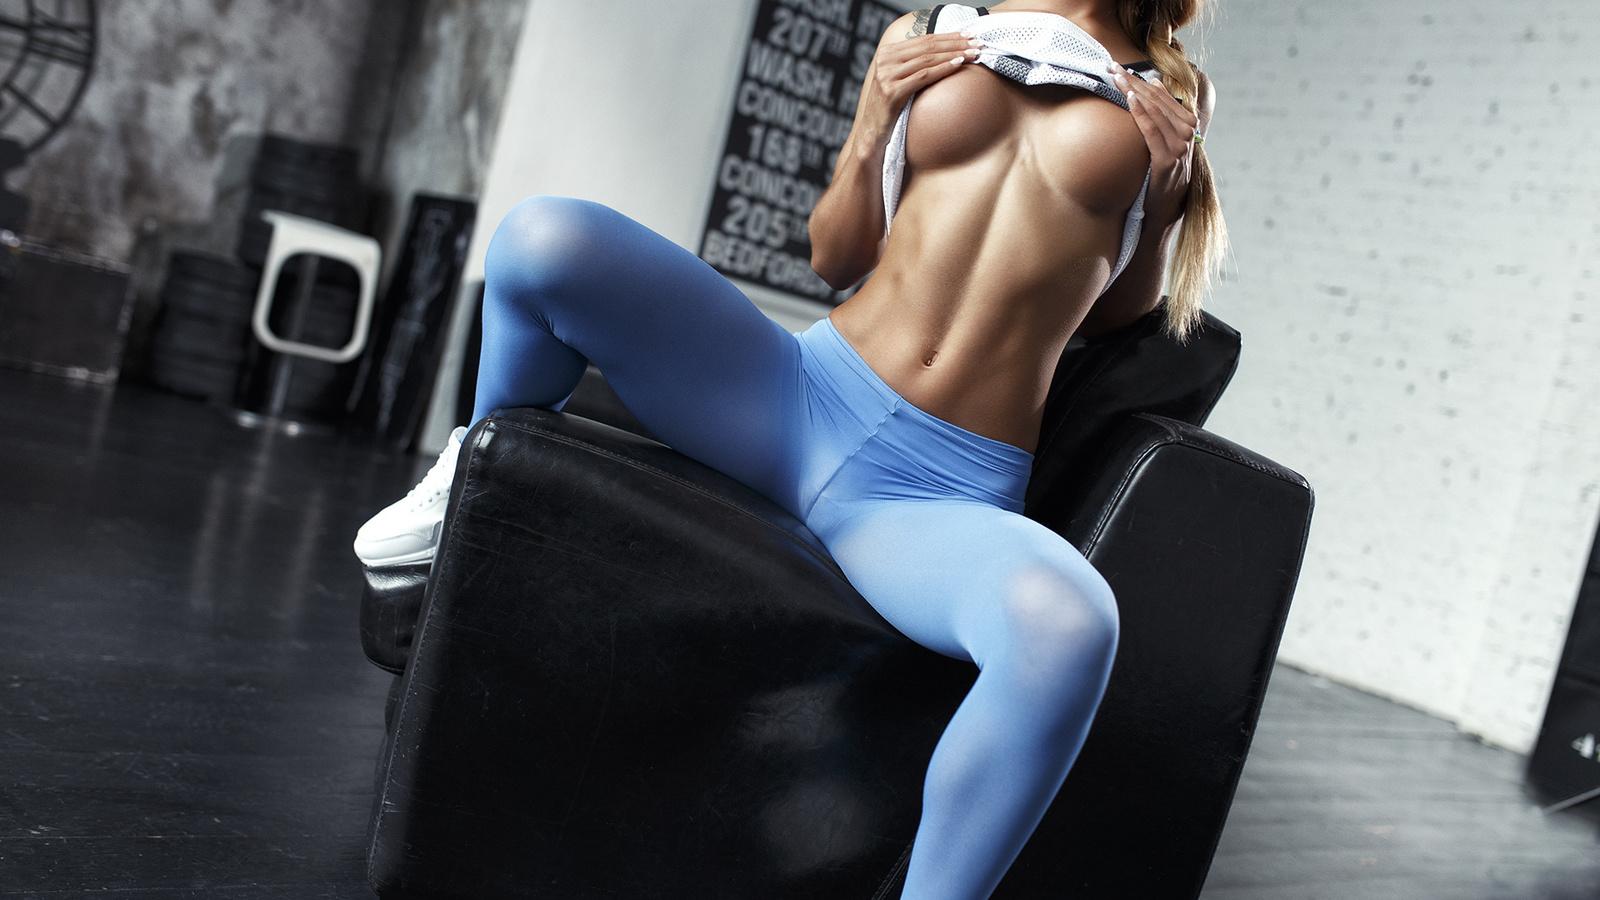 знает название фото эротика девушек в одежде для фитнеса теперь всего